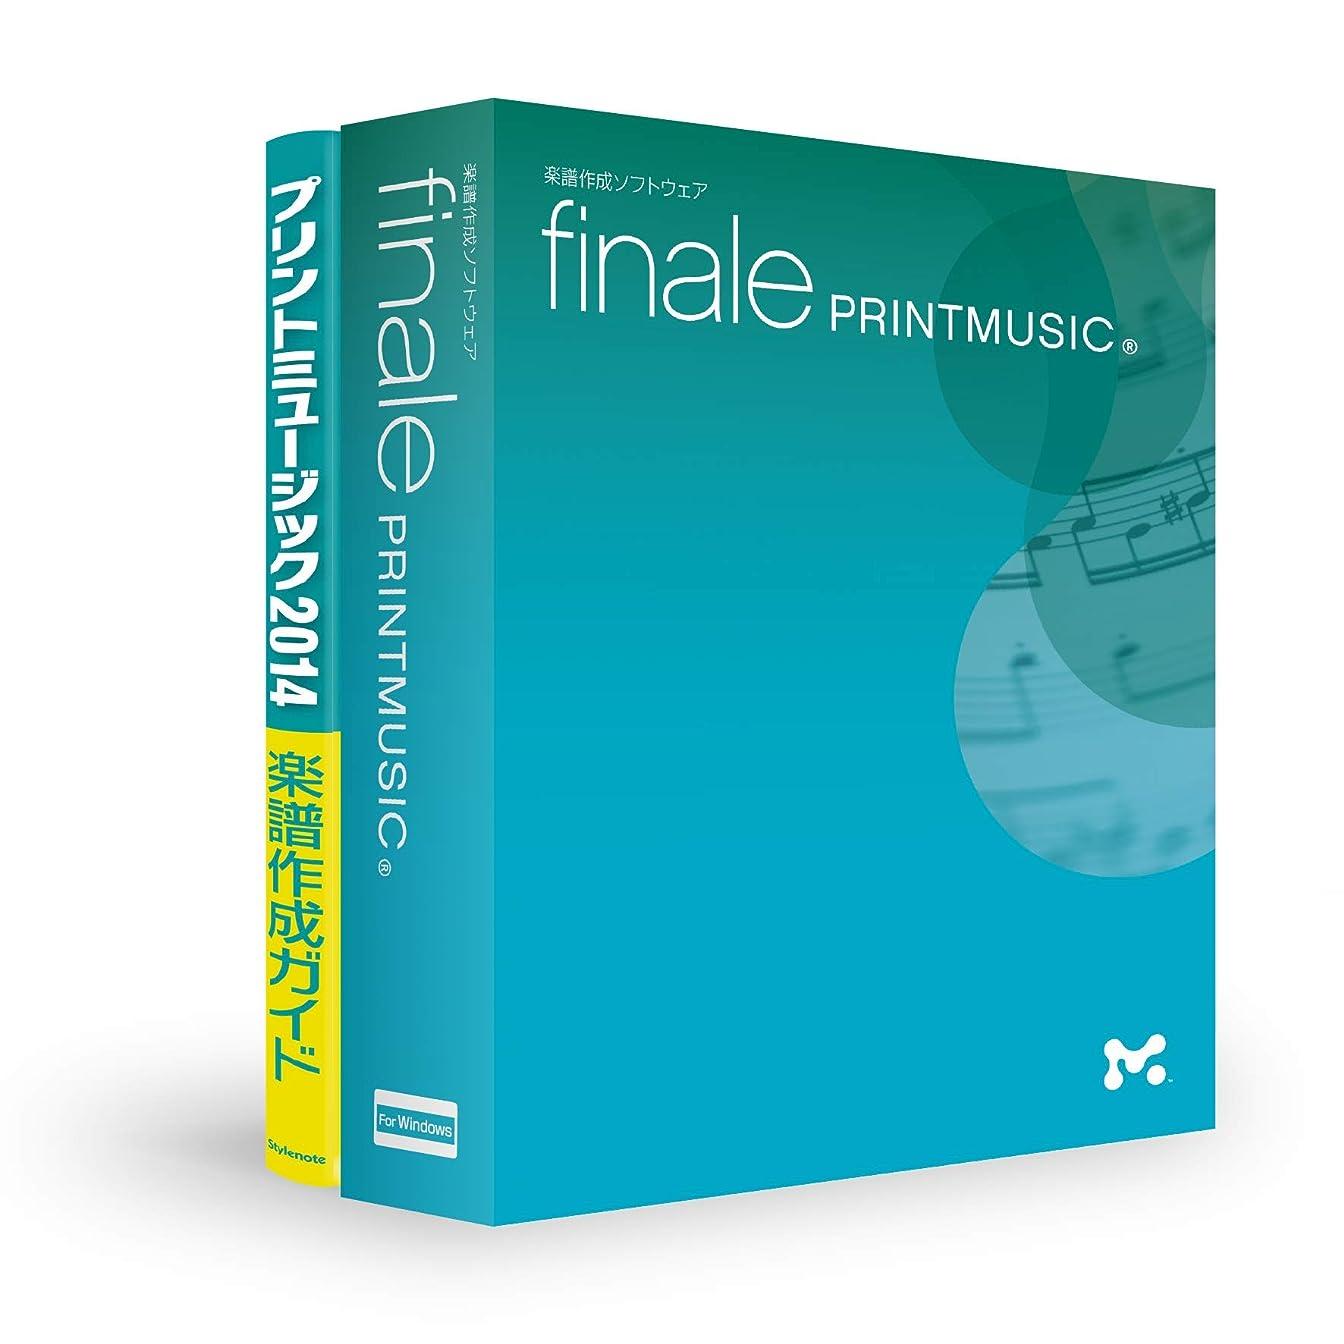 悪夢バルクとにかくMakeMusic 楽譜作成ソフト Finale PrintMusic for Windows ガイドブック付属